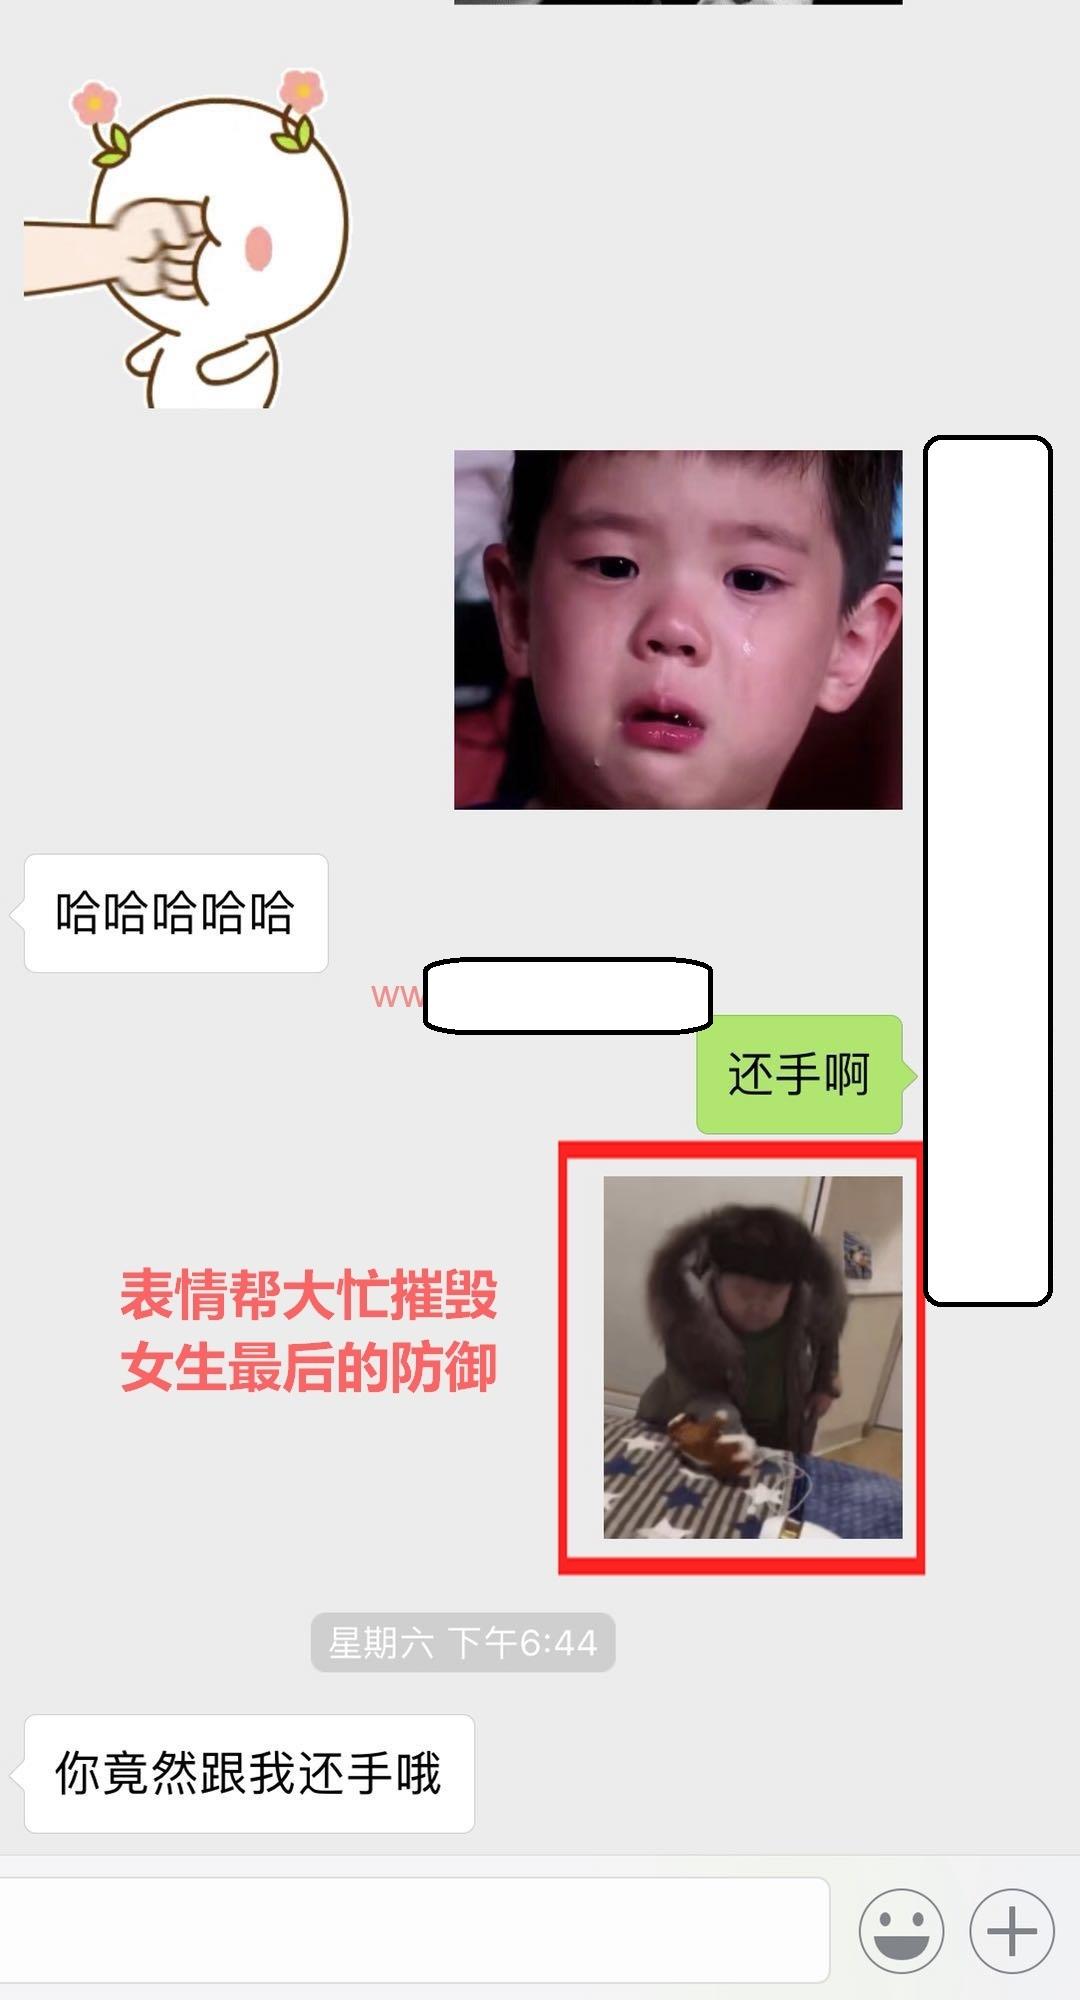 webwxgetmsgimg224C5VOH_看图王